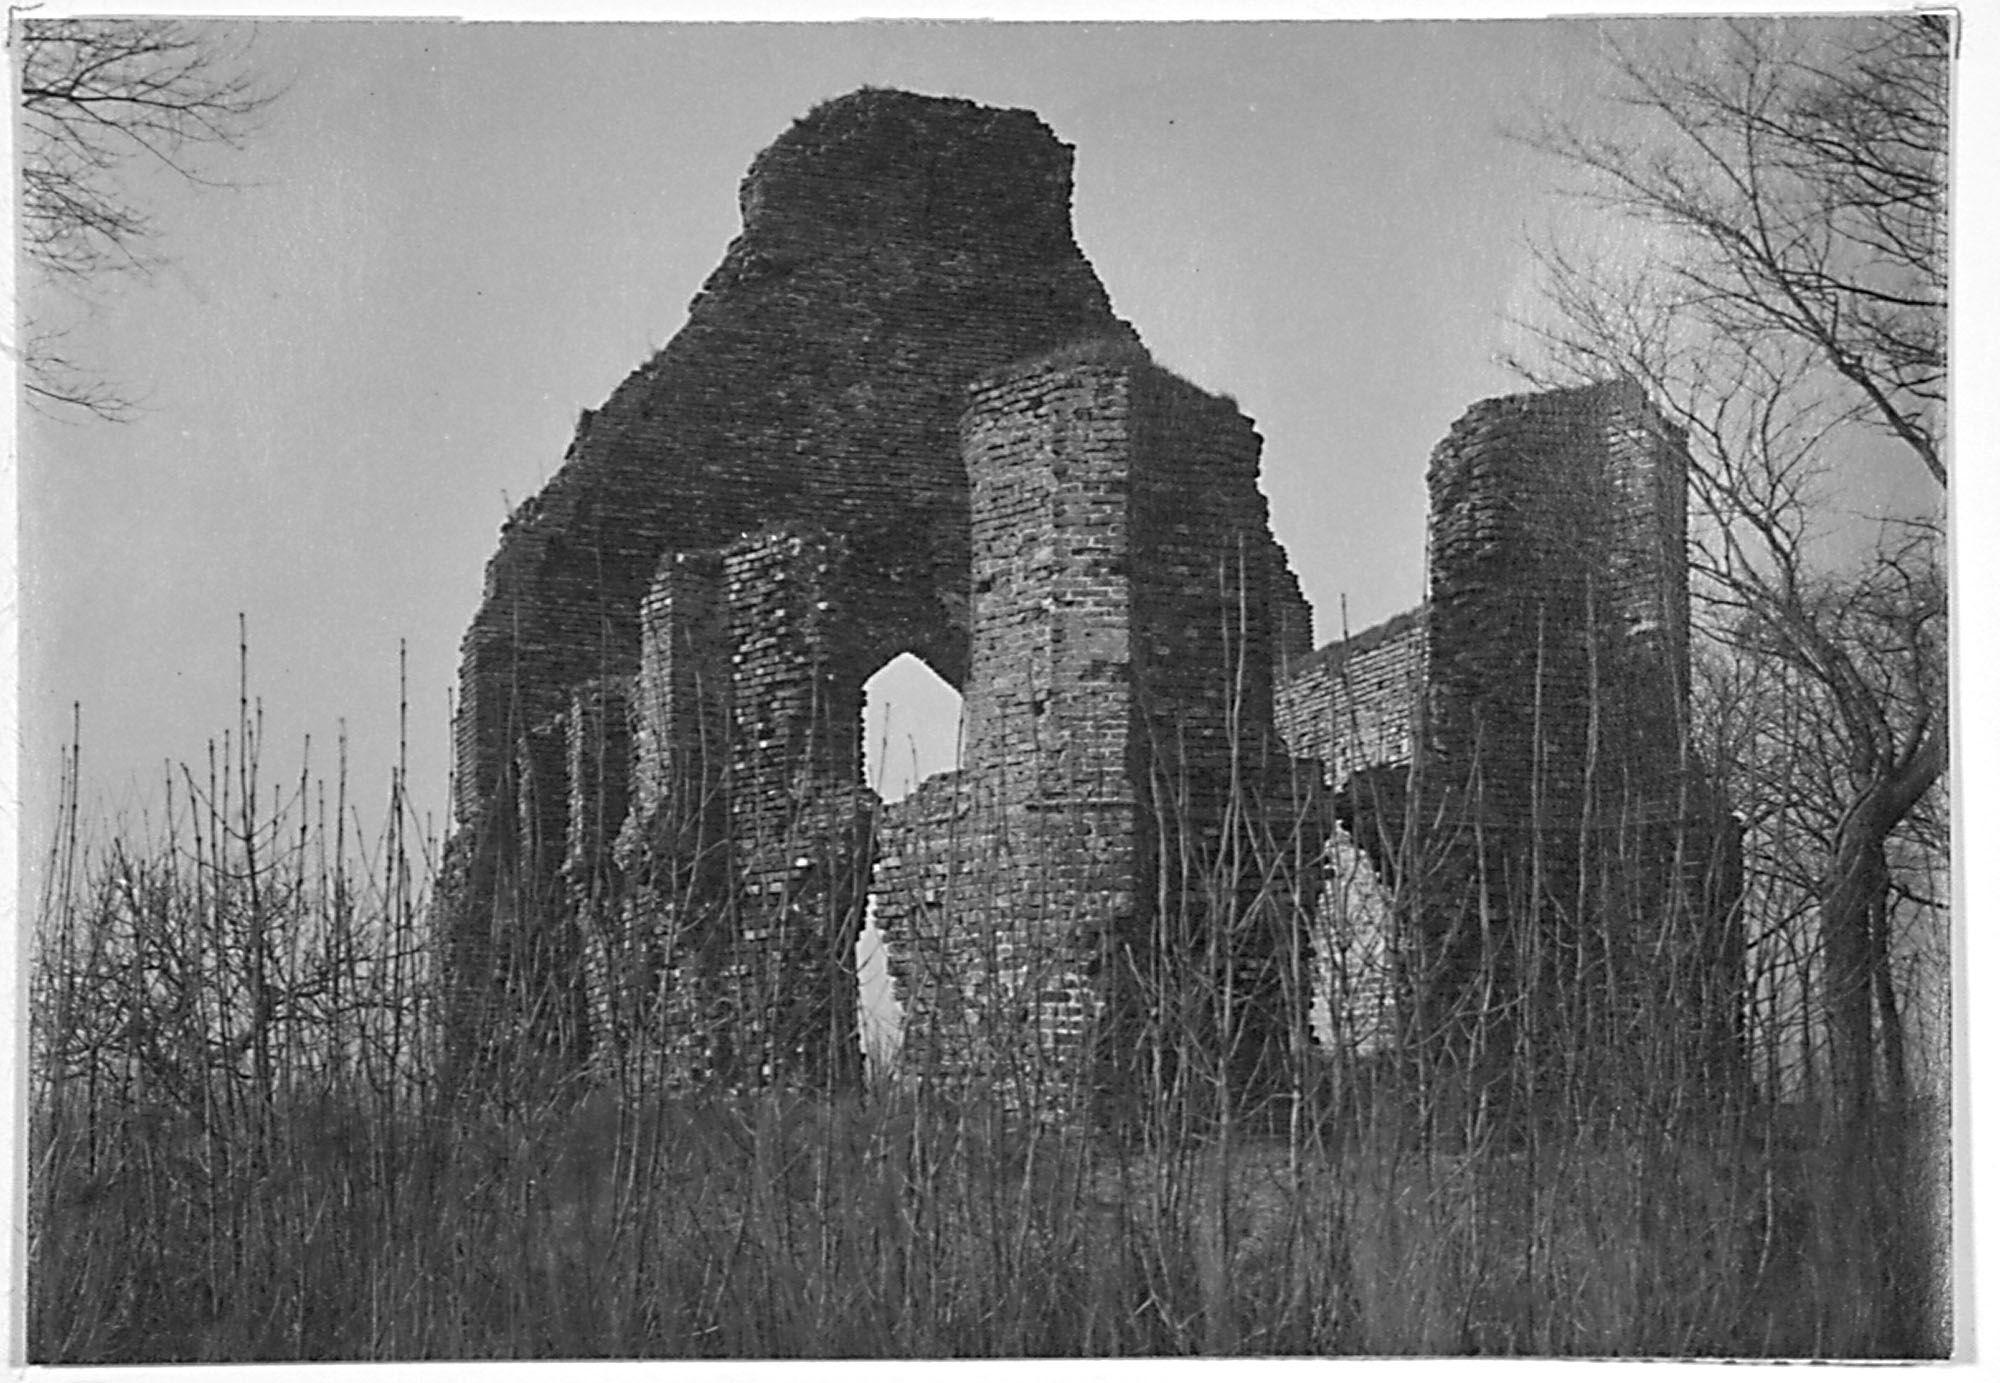 Ruïne van de kapel omstreeks 1920. (Zeeuws Archief, coll. Zeeuws Genootschap, Zelandia Illustrata)